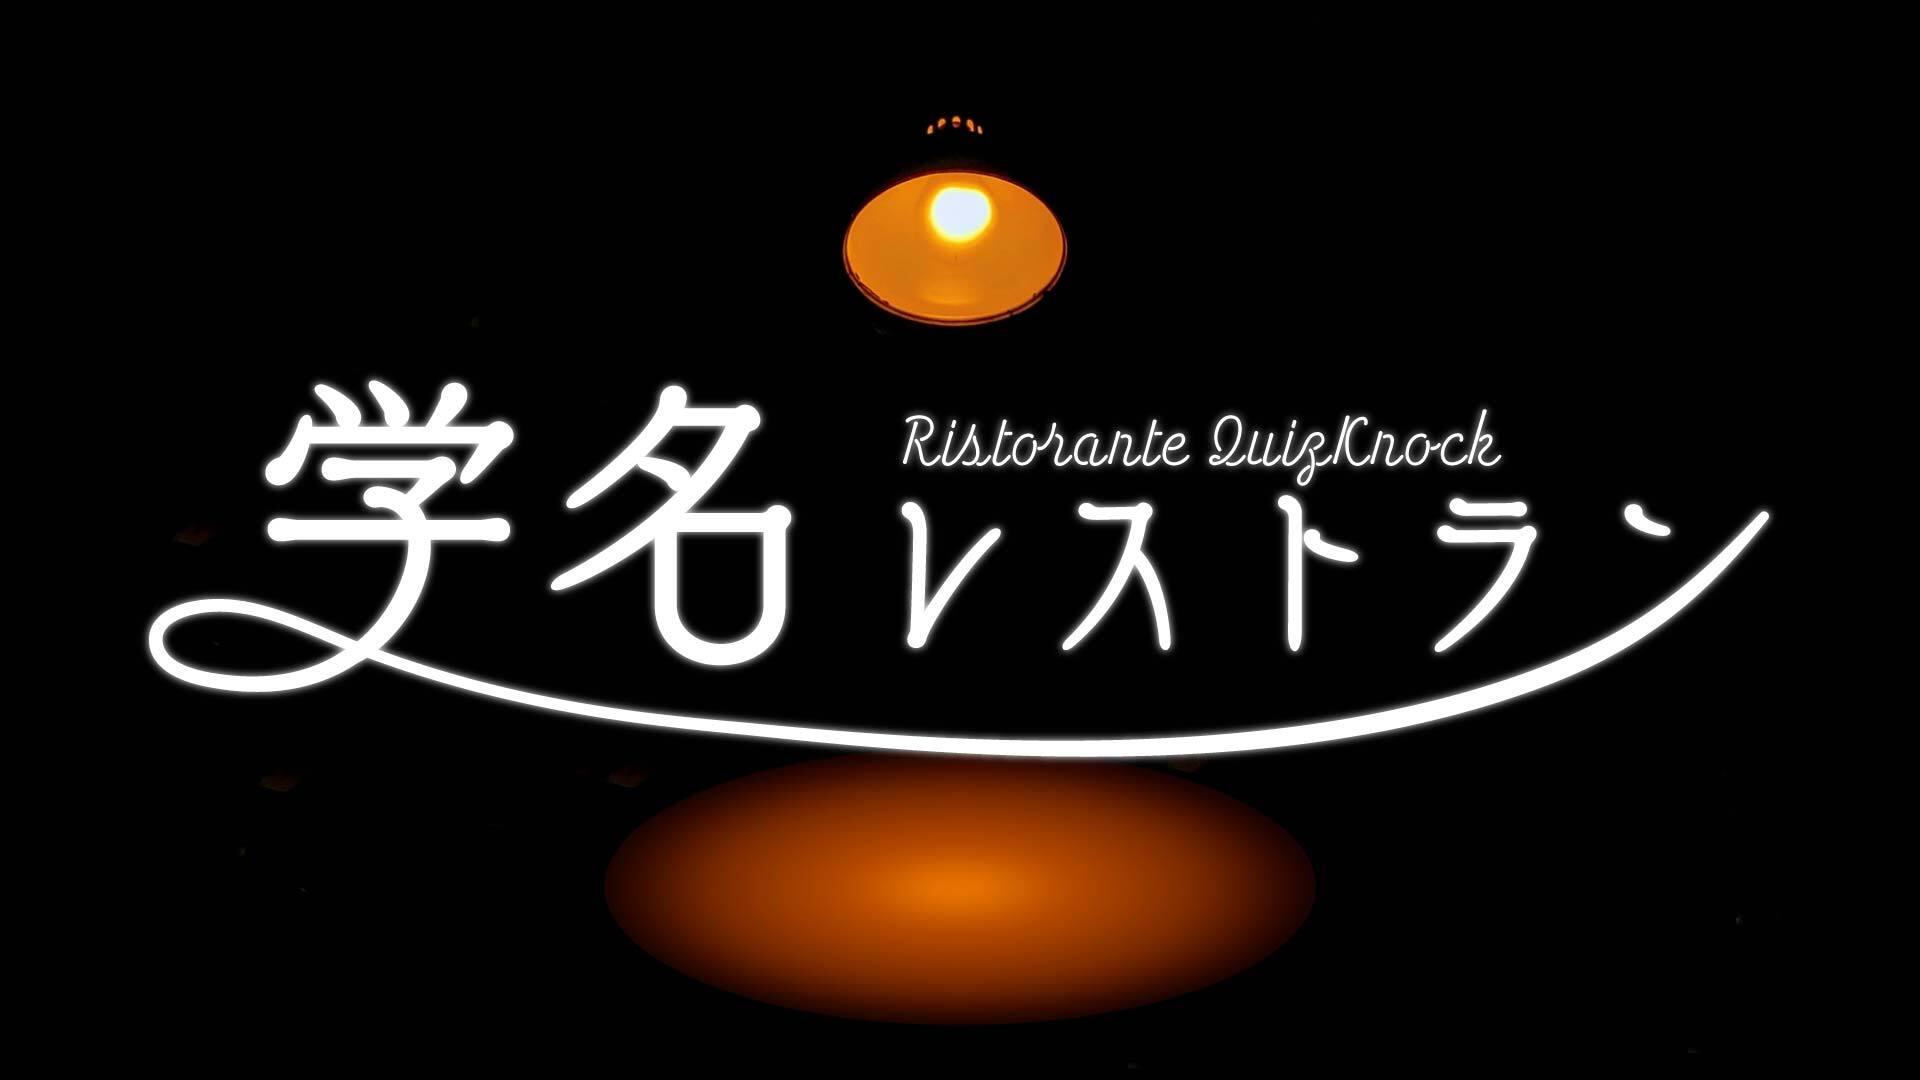 異国転生に備えて、学名レストランを開店しました【グローバルに生きる】